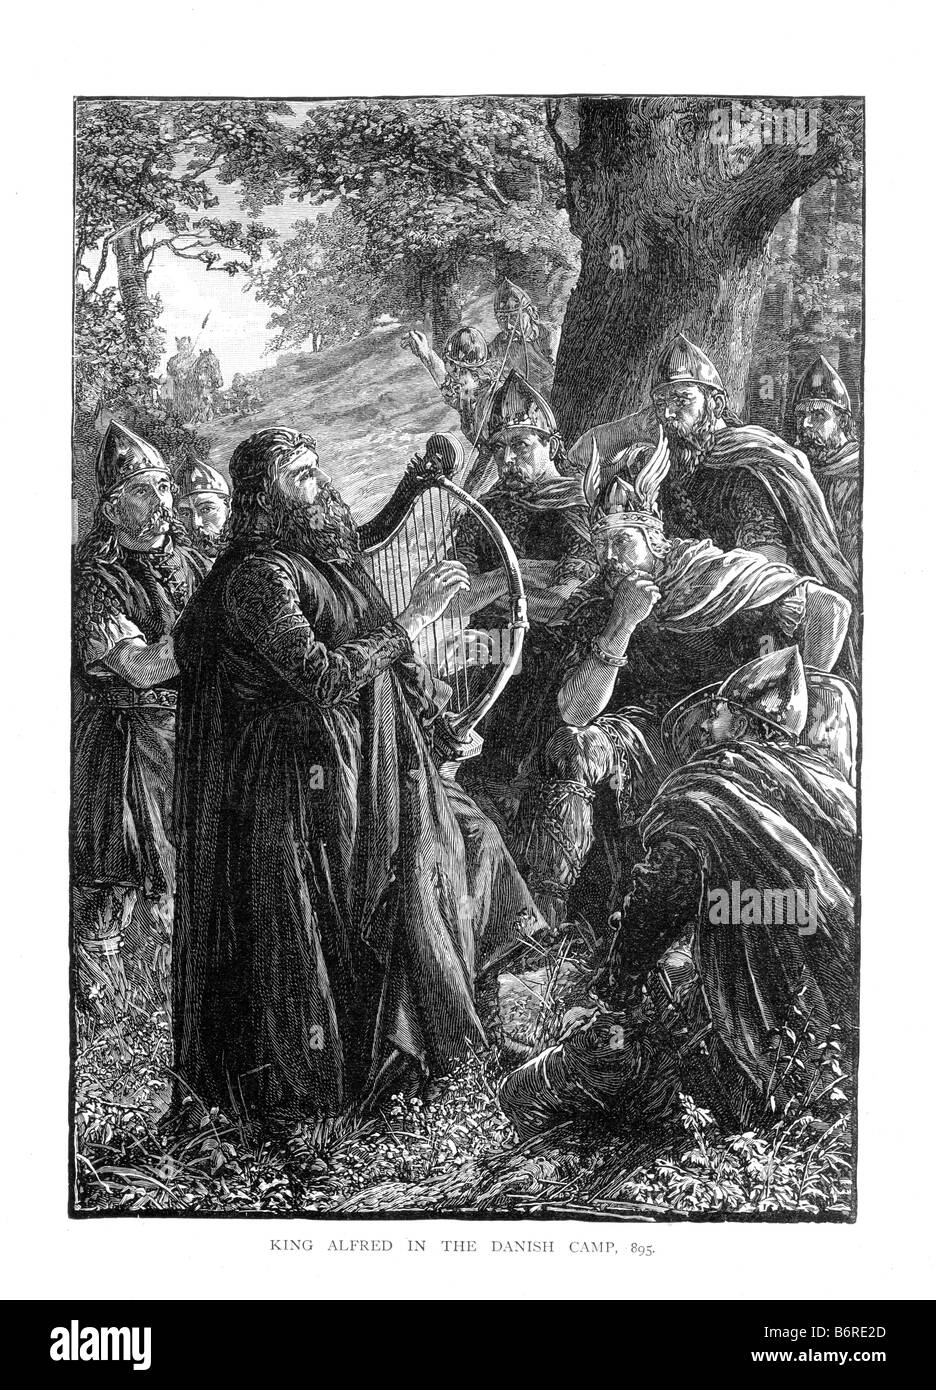 King Alfred in danese Camp AD 895 del xix secolo illustrazione Immagini Stock